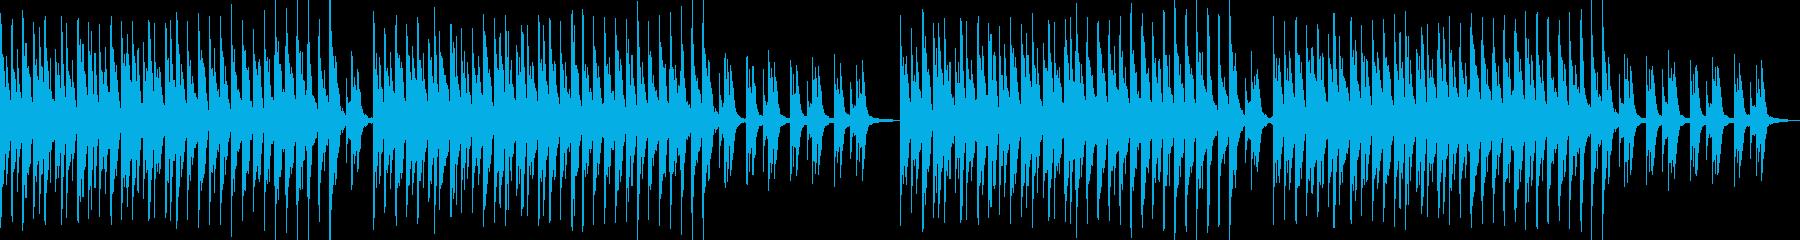 癒やしのピアノ ヒーリング 快眠 睡眠の再生済みの波形